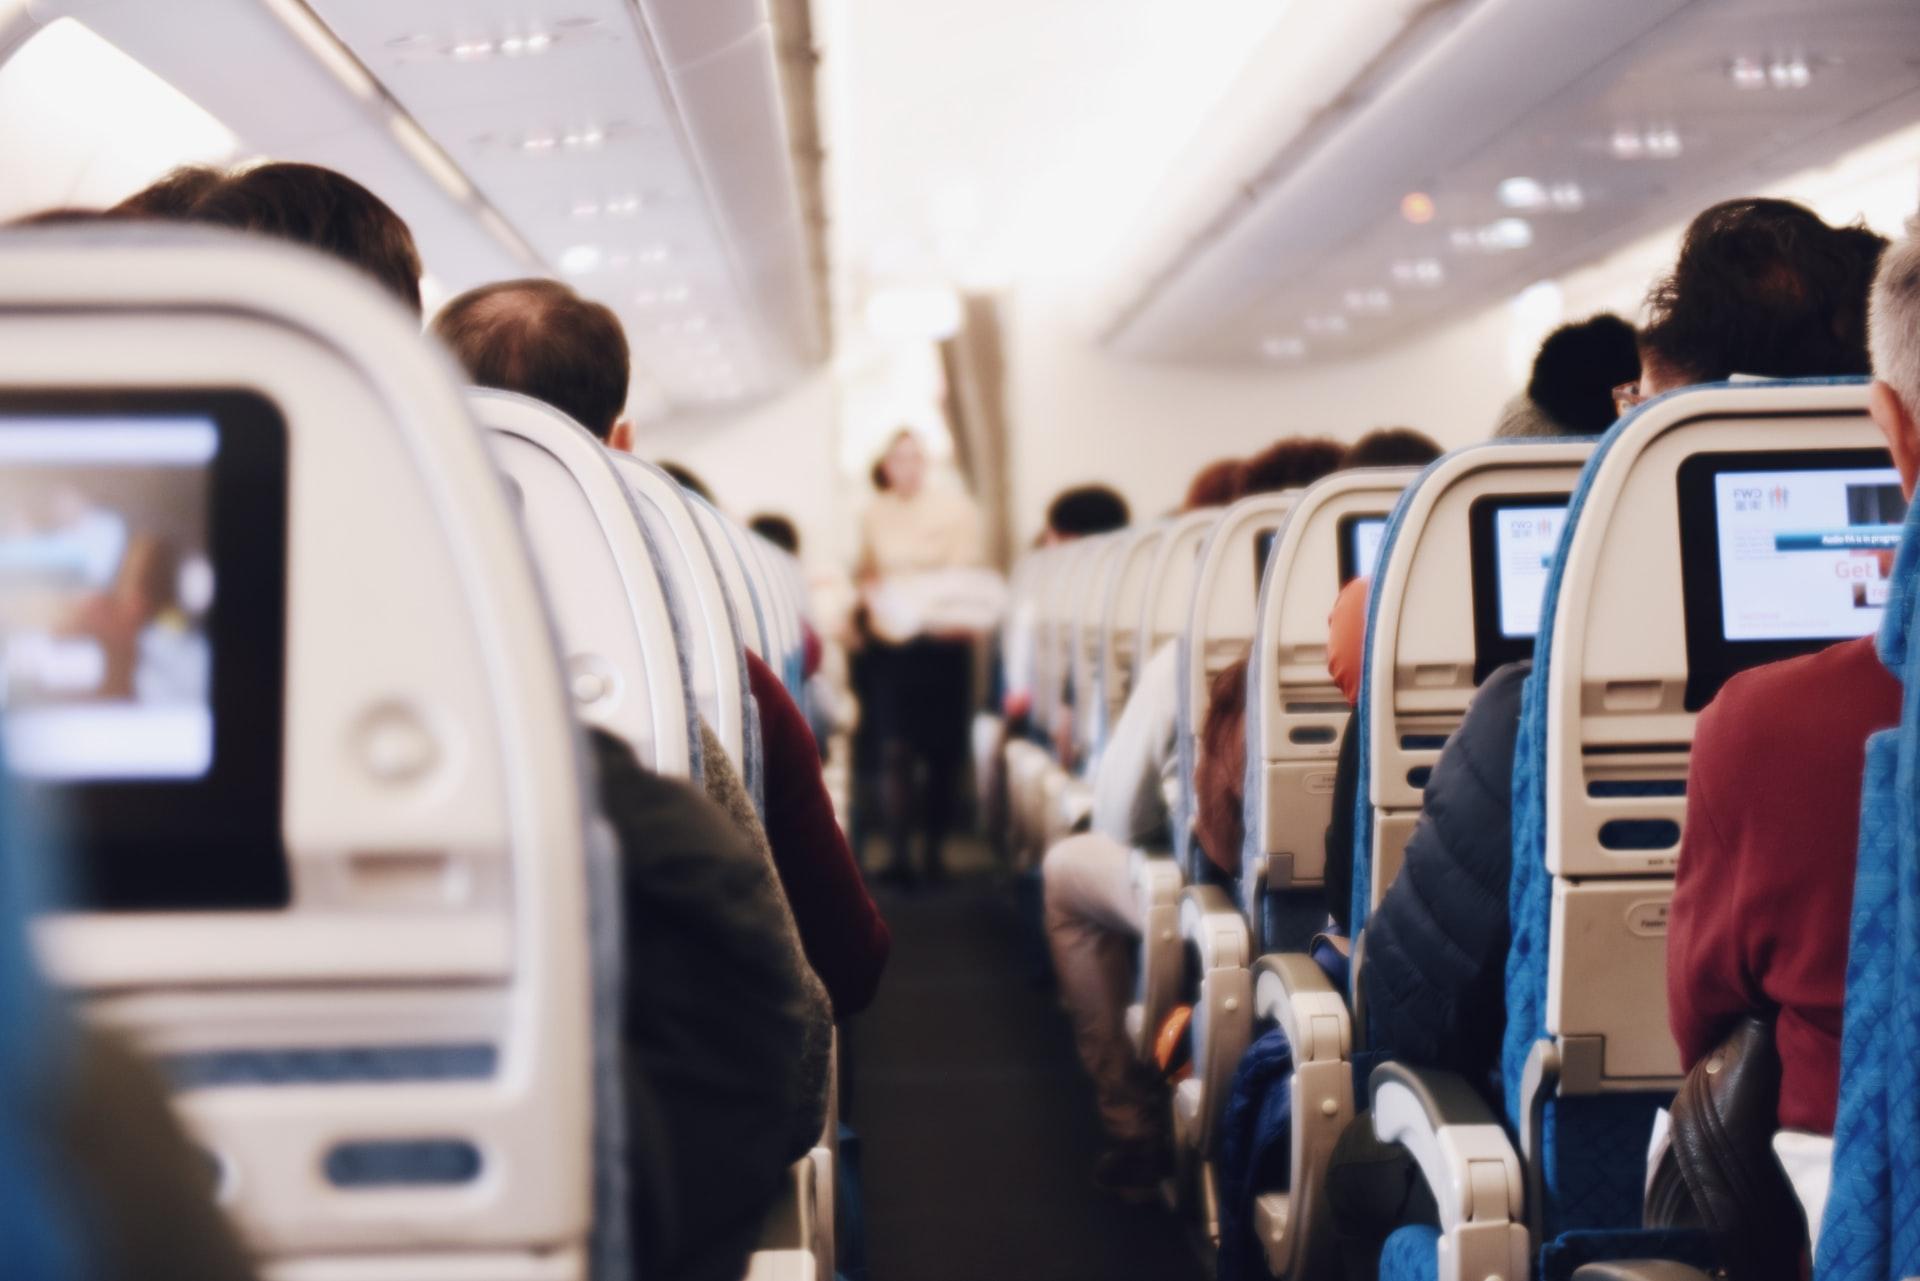 TESTE: O que você pode e não pode fazer dentro do avião?